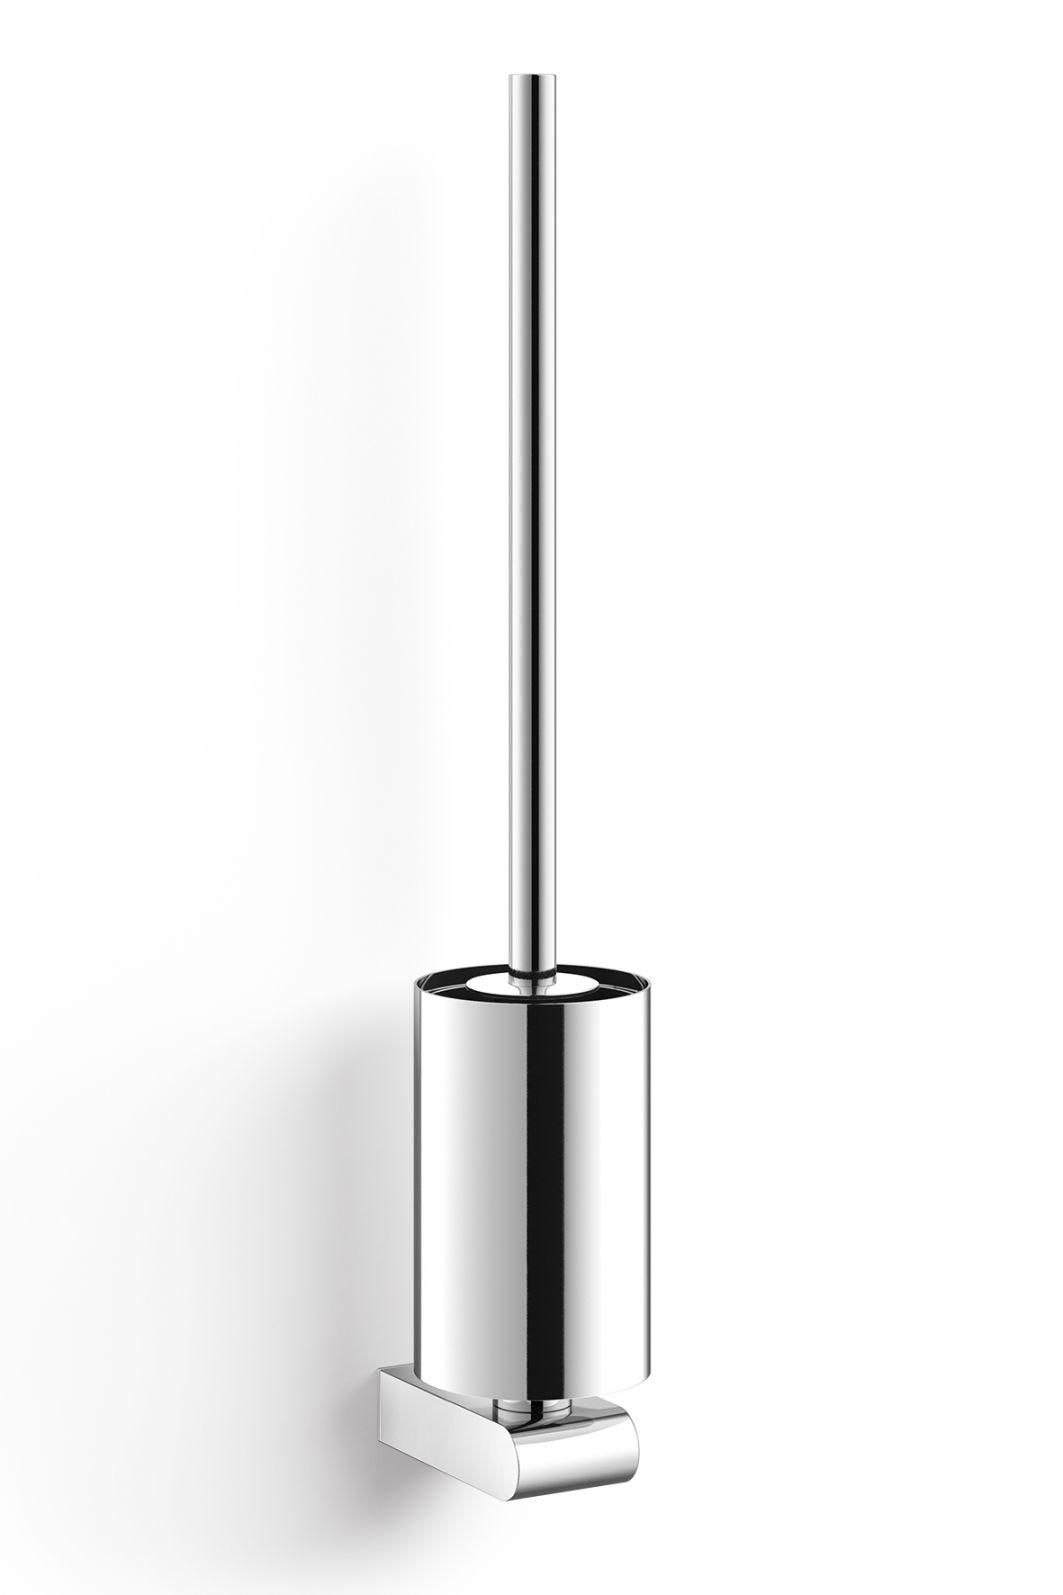 Nástěnná WC štětka ATORE 52 cm, lesklá - ZACK